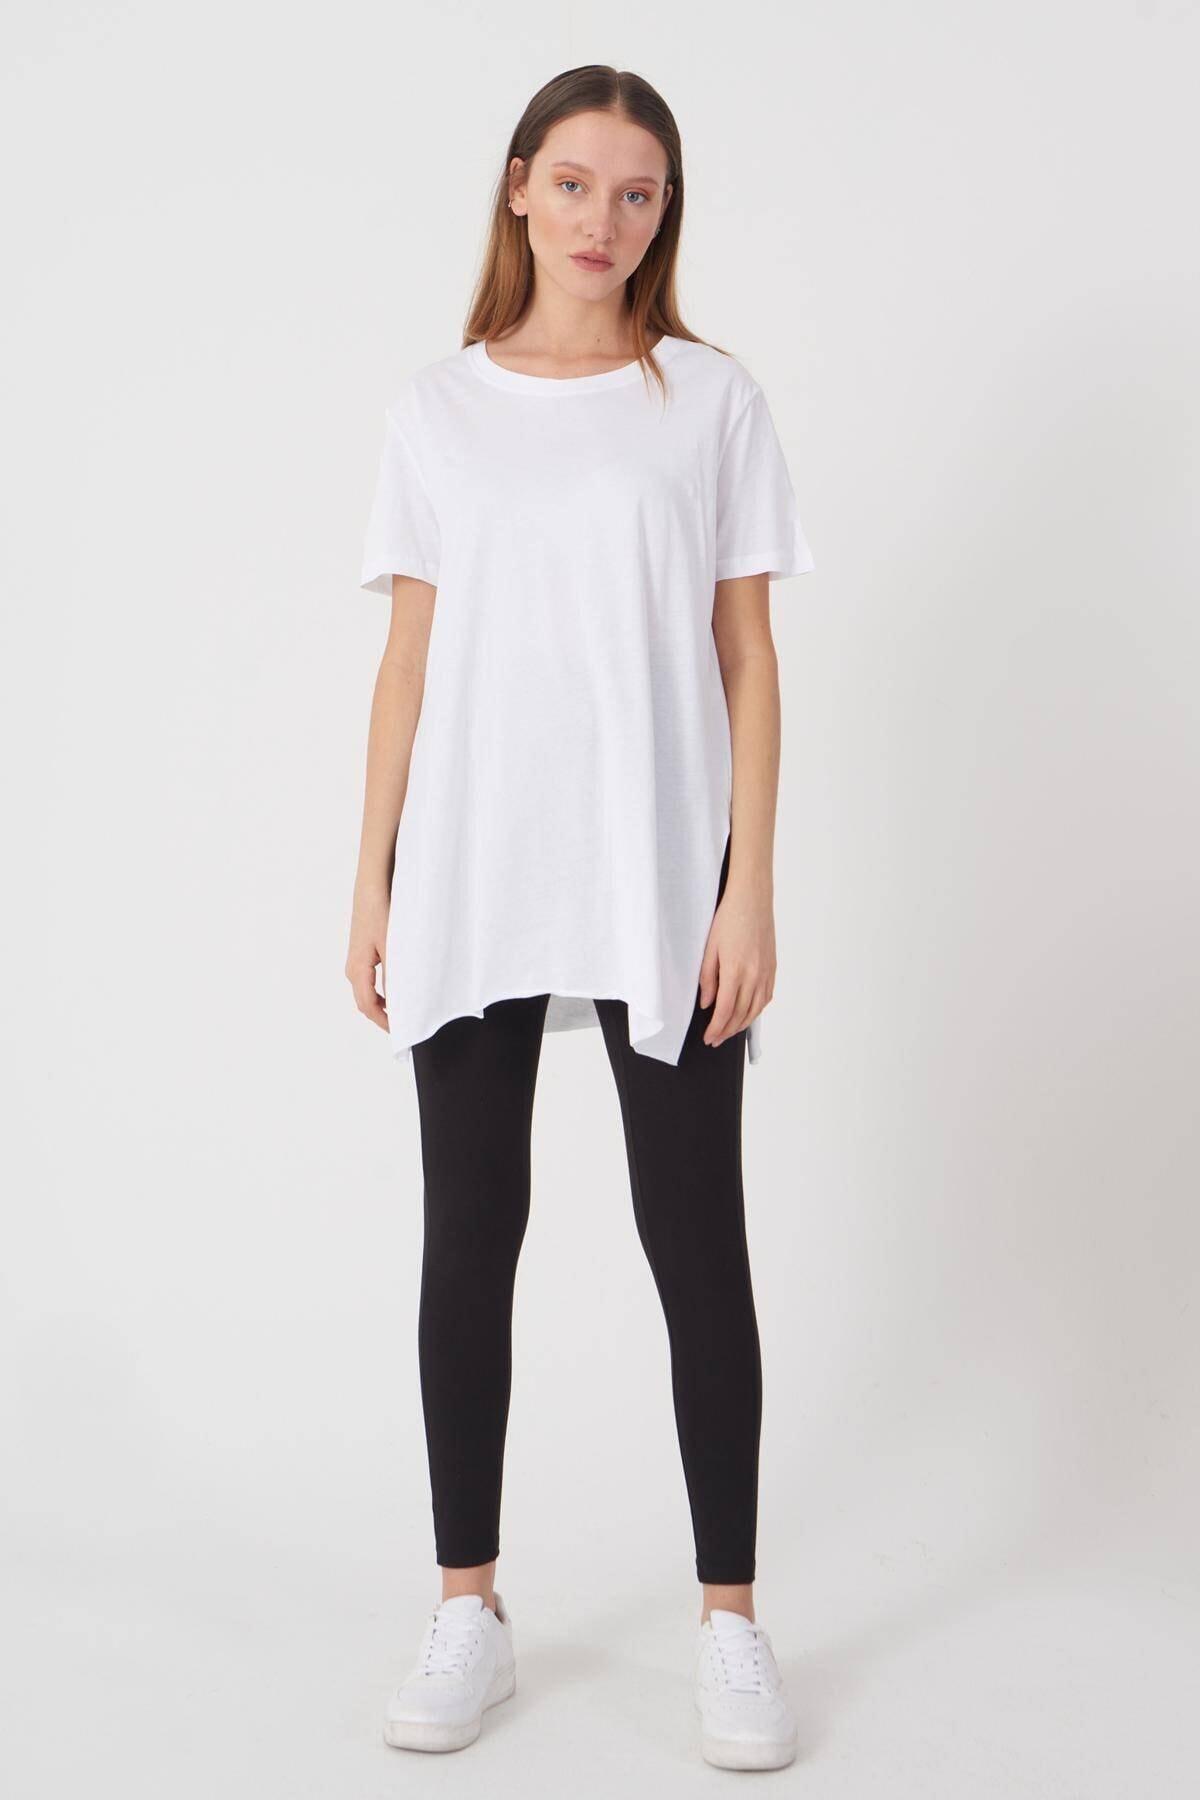 Addax Kadın Beyaz Bisiklet Yaka T-Shirt P0101 - U4 - Z1 Adx-00007204 3